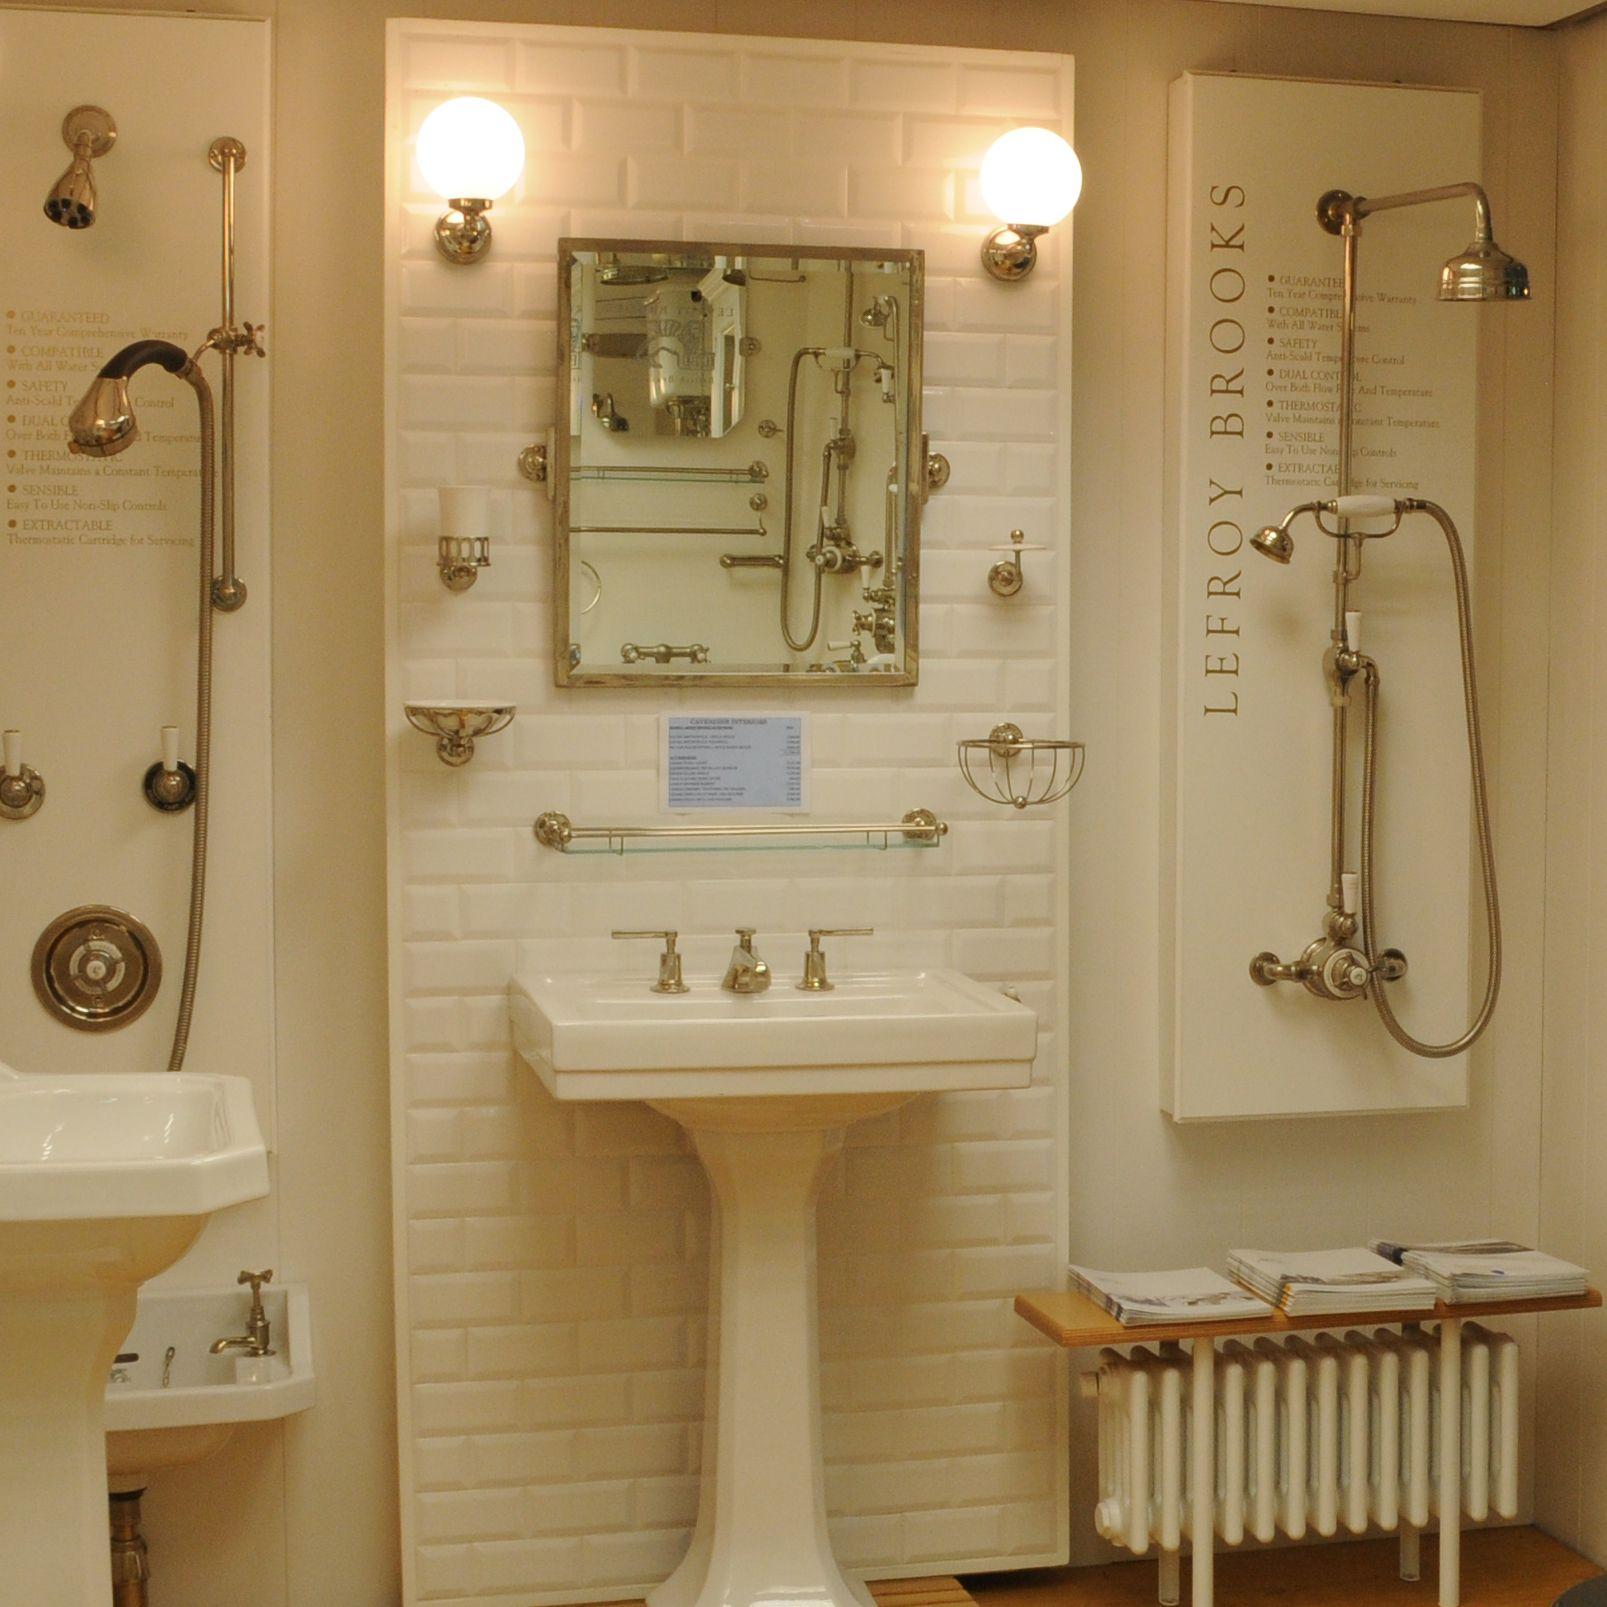 Fairfield Bathroom Showroom Buxton http://www.360spin.com/fairfield ...